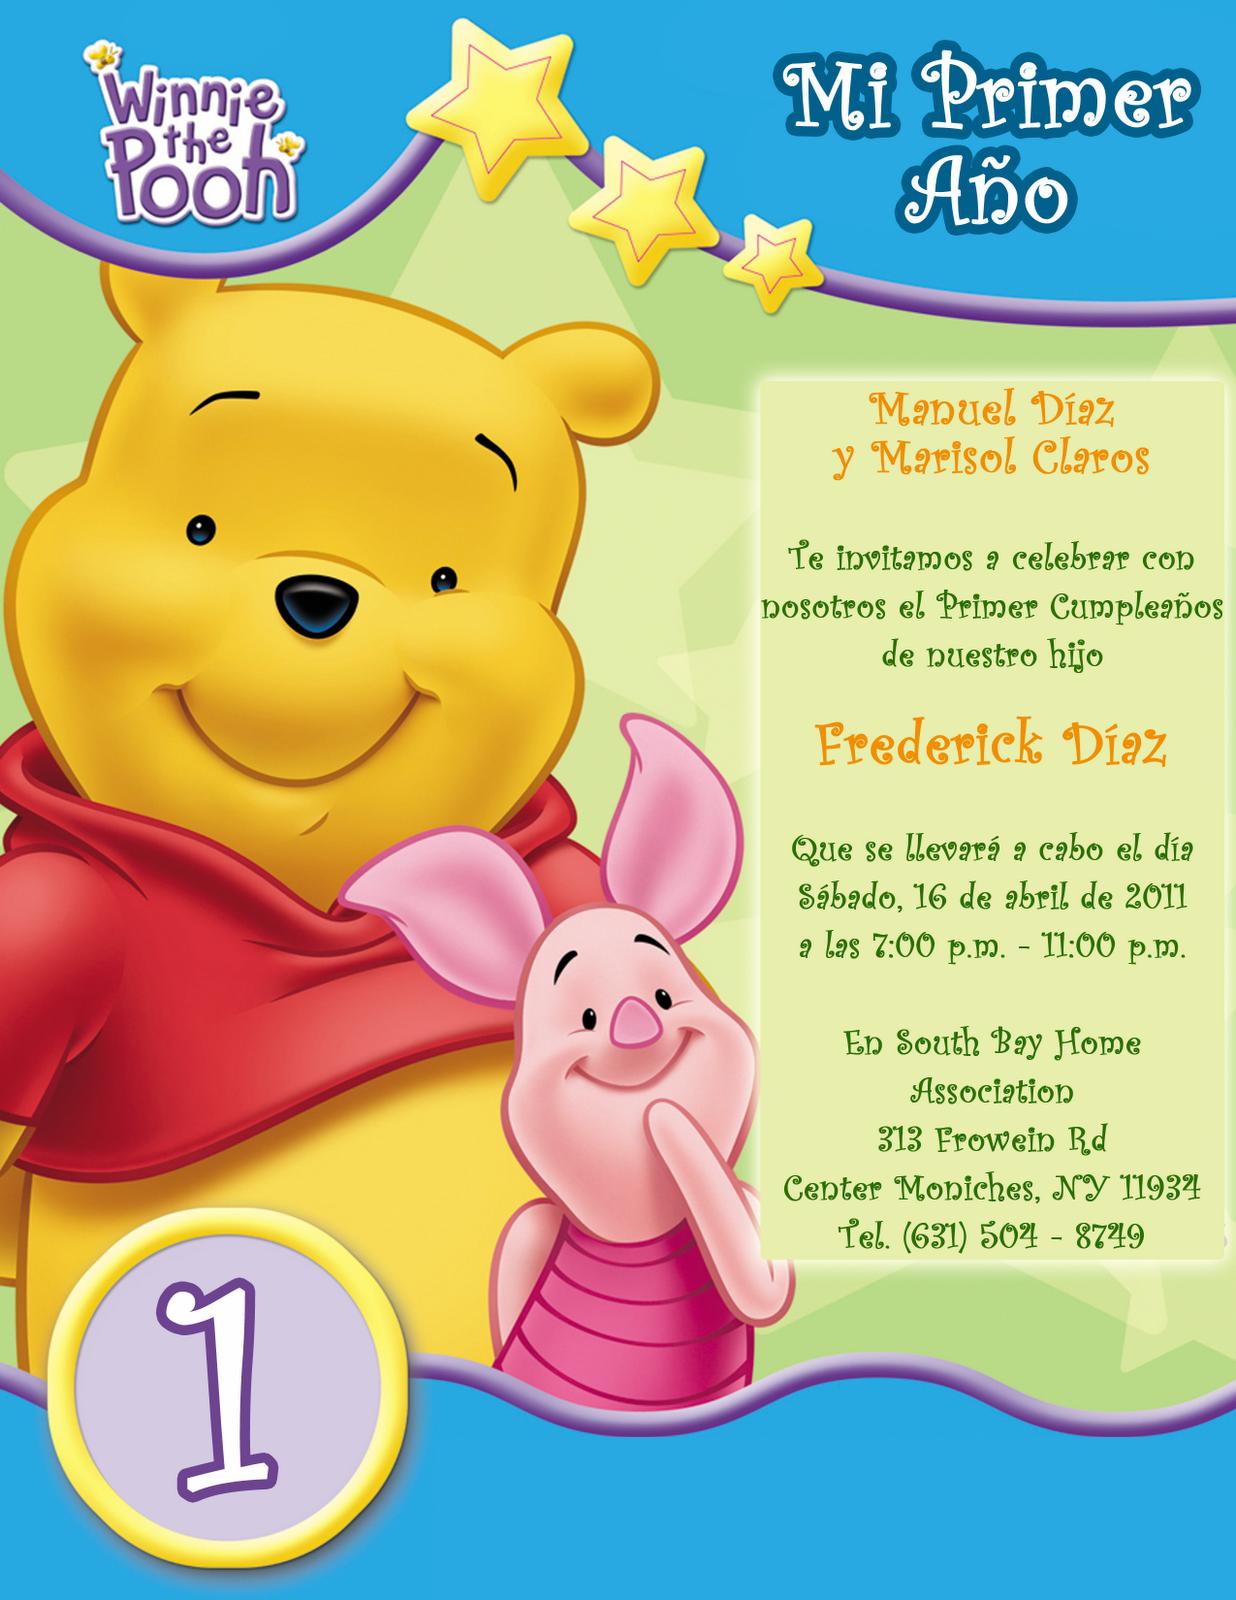 Invitación Infantil de Cumpleaños Winnie the Pooh 1 Año  manualidad Pinterest Birthdays